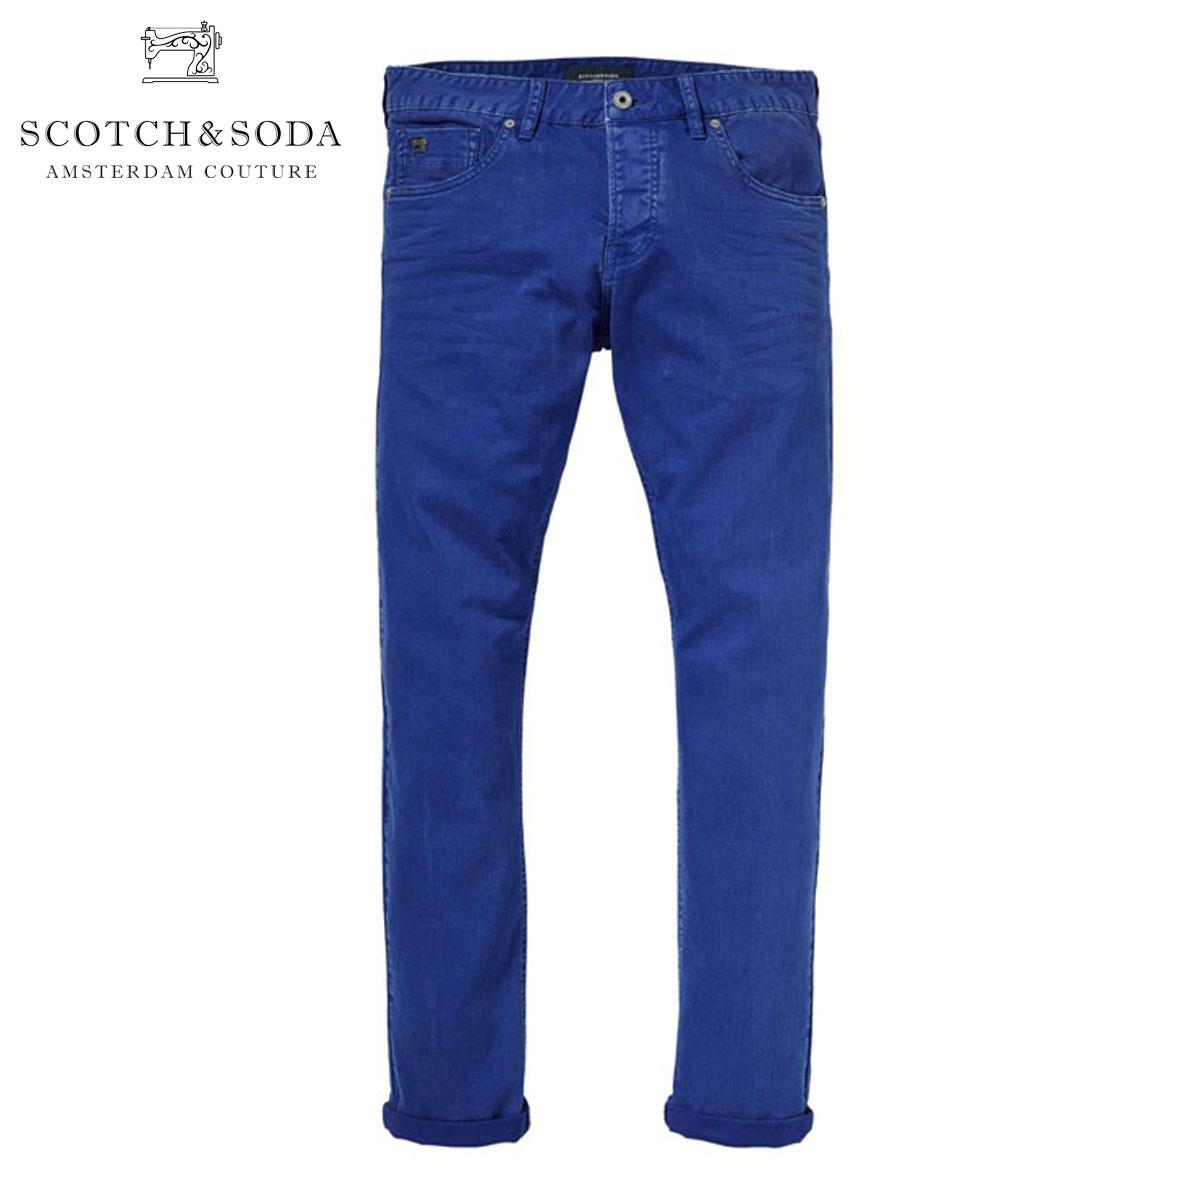 スコッチアンドソーダ SCOTCH&SODA 正規販売店 メンズ ジーンズ Ralston-Garment Dye 128540 37 D00S20